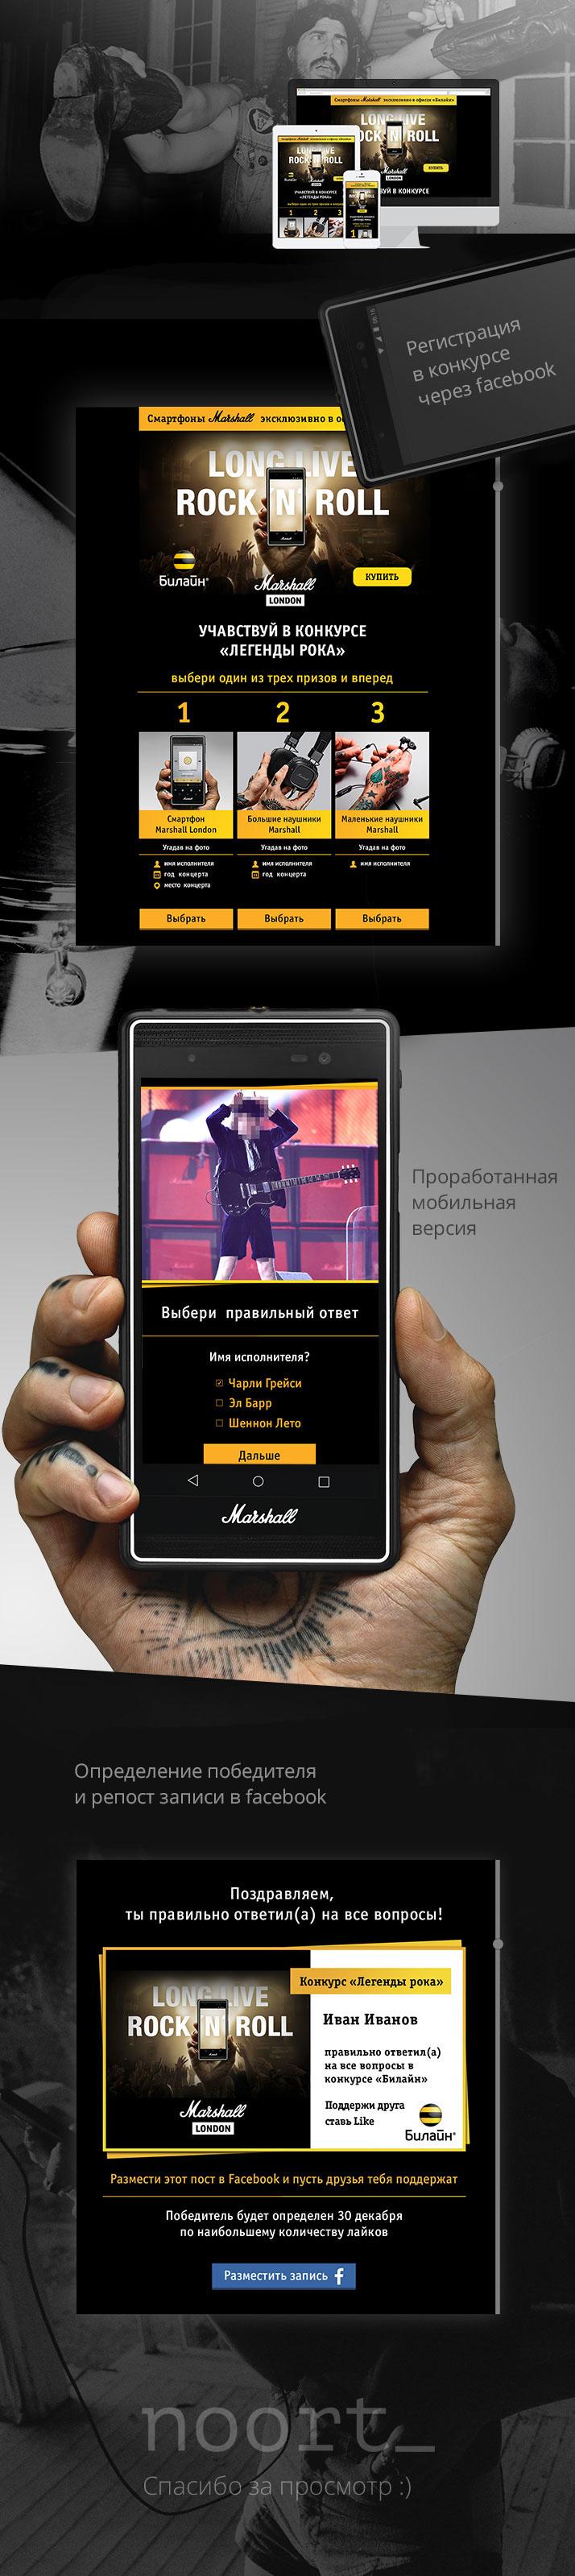 Поздравления мобильная версия